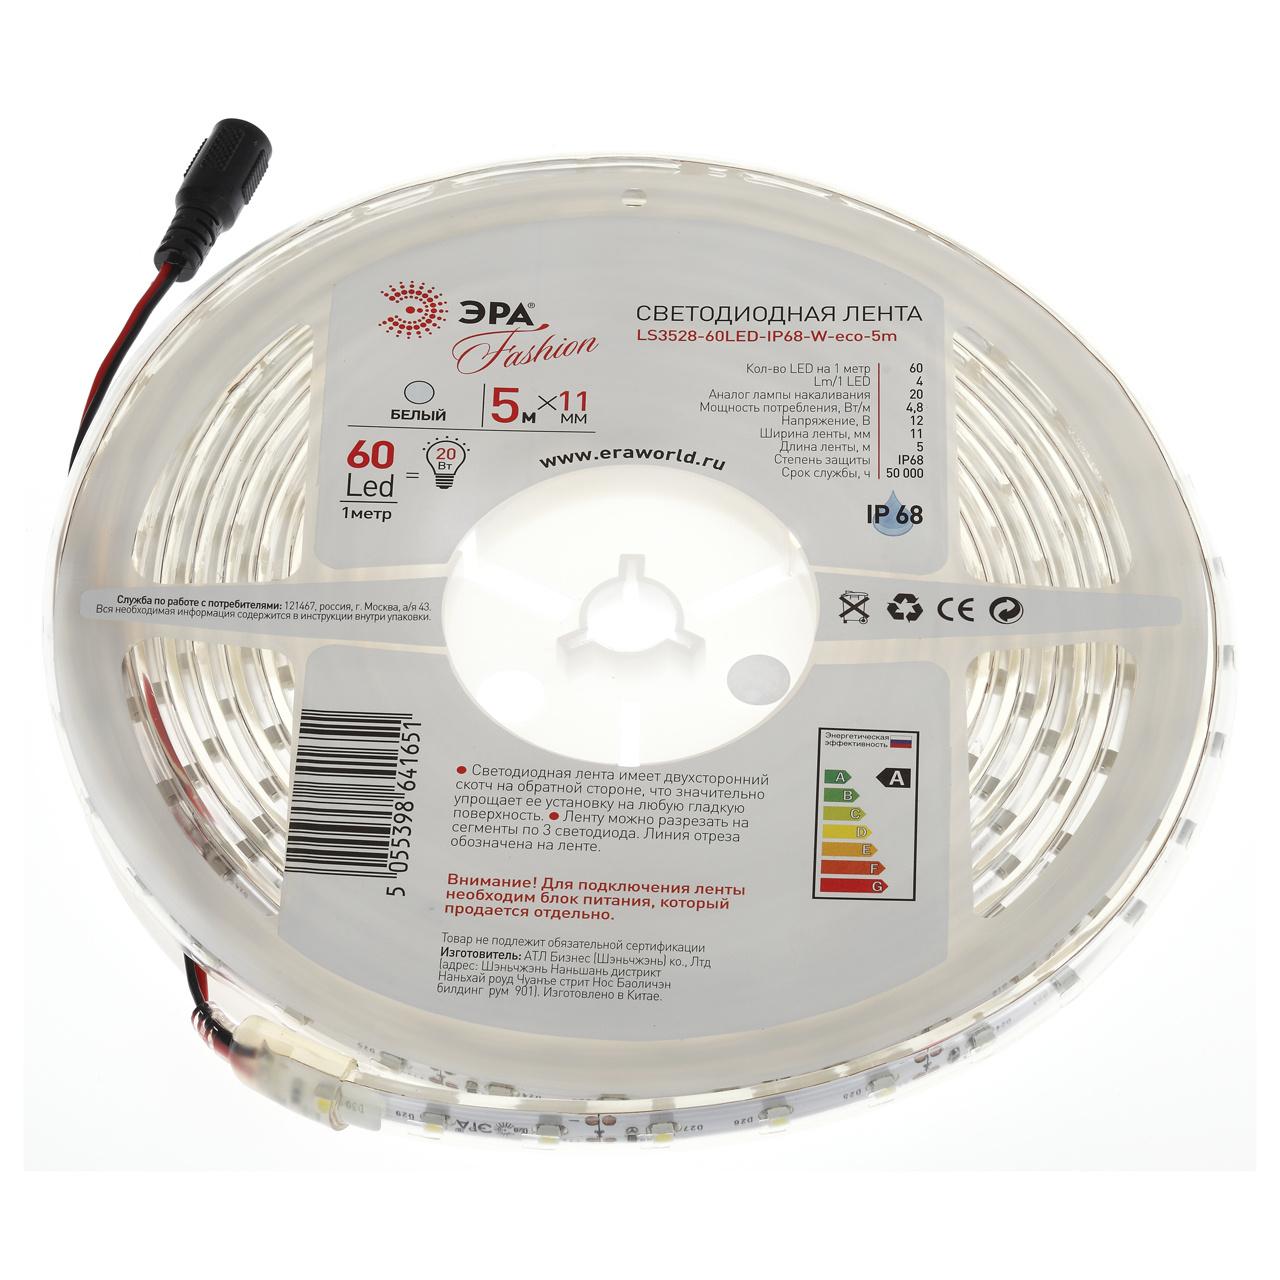 Светодиодная влагозащищенная лента ЭРА 4,8W/m 60LED/m 3528SMD холодный белый 5M LS3528-60LED-IP68-W-eco-5m